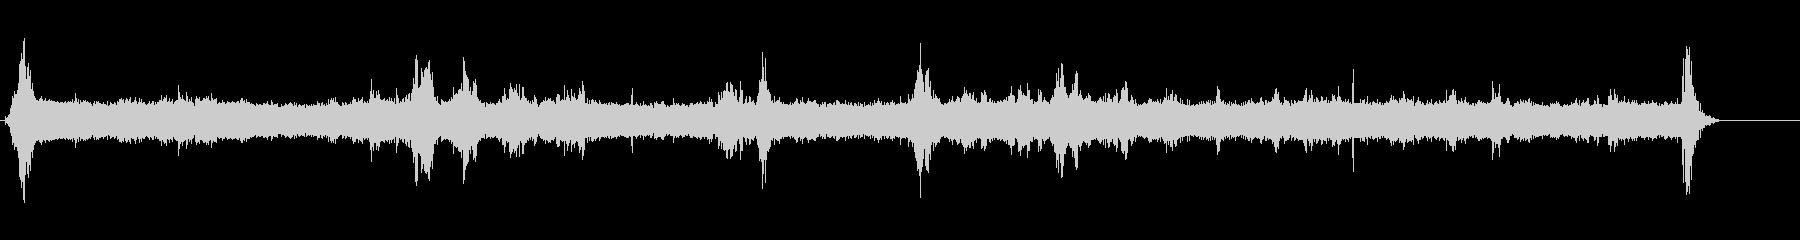 サンダー-軌道-オン_オフ-機器の未再生の波形